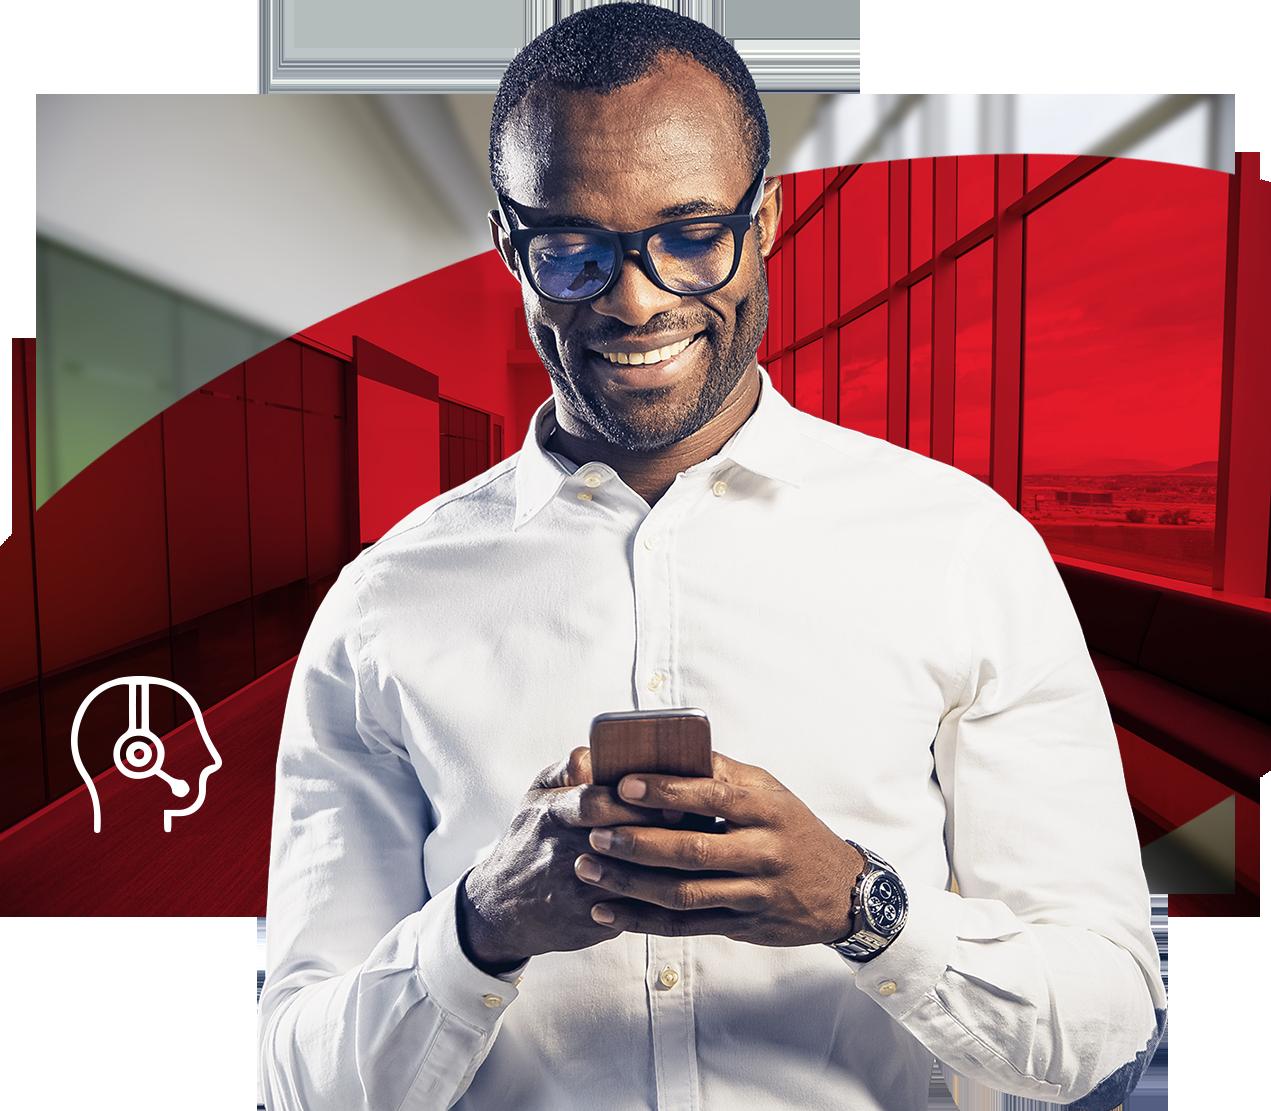 Mann mit Mobiltelefon, Roter Hintergrund